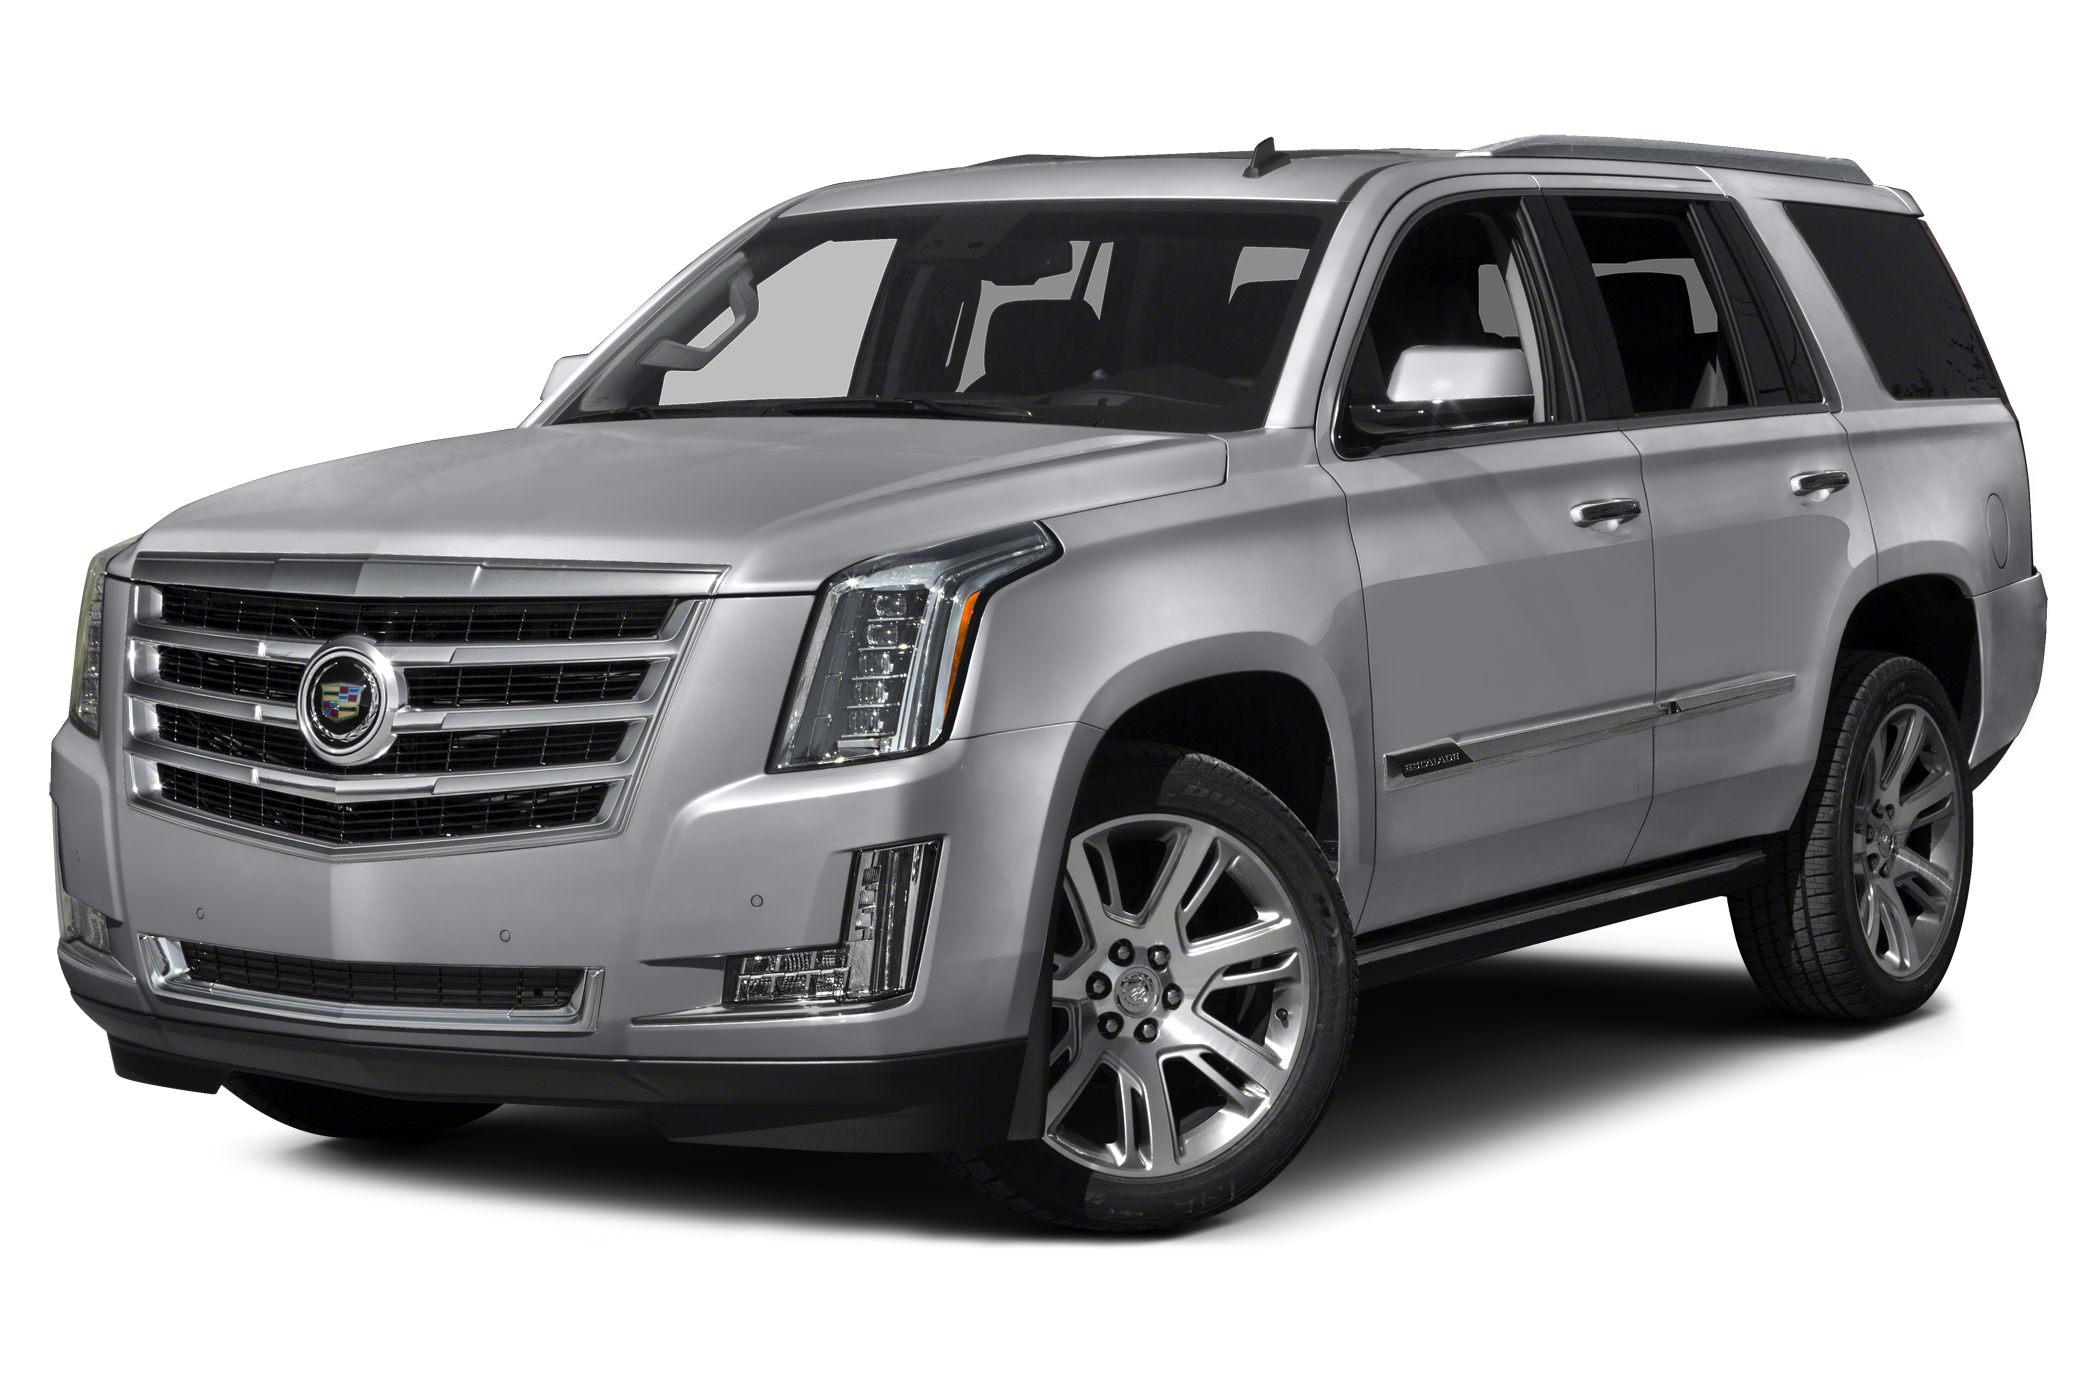 2015 Cadillac Escalade Safety Recalls